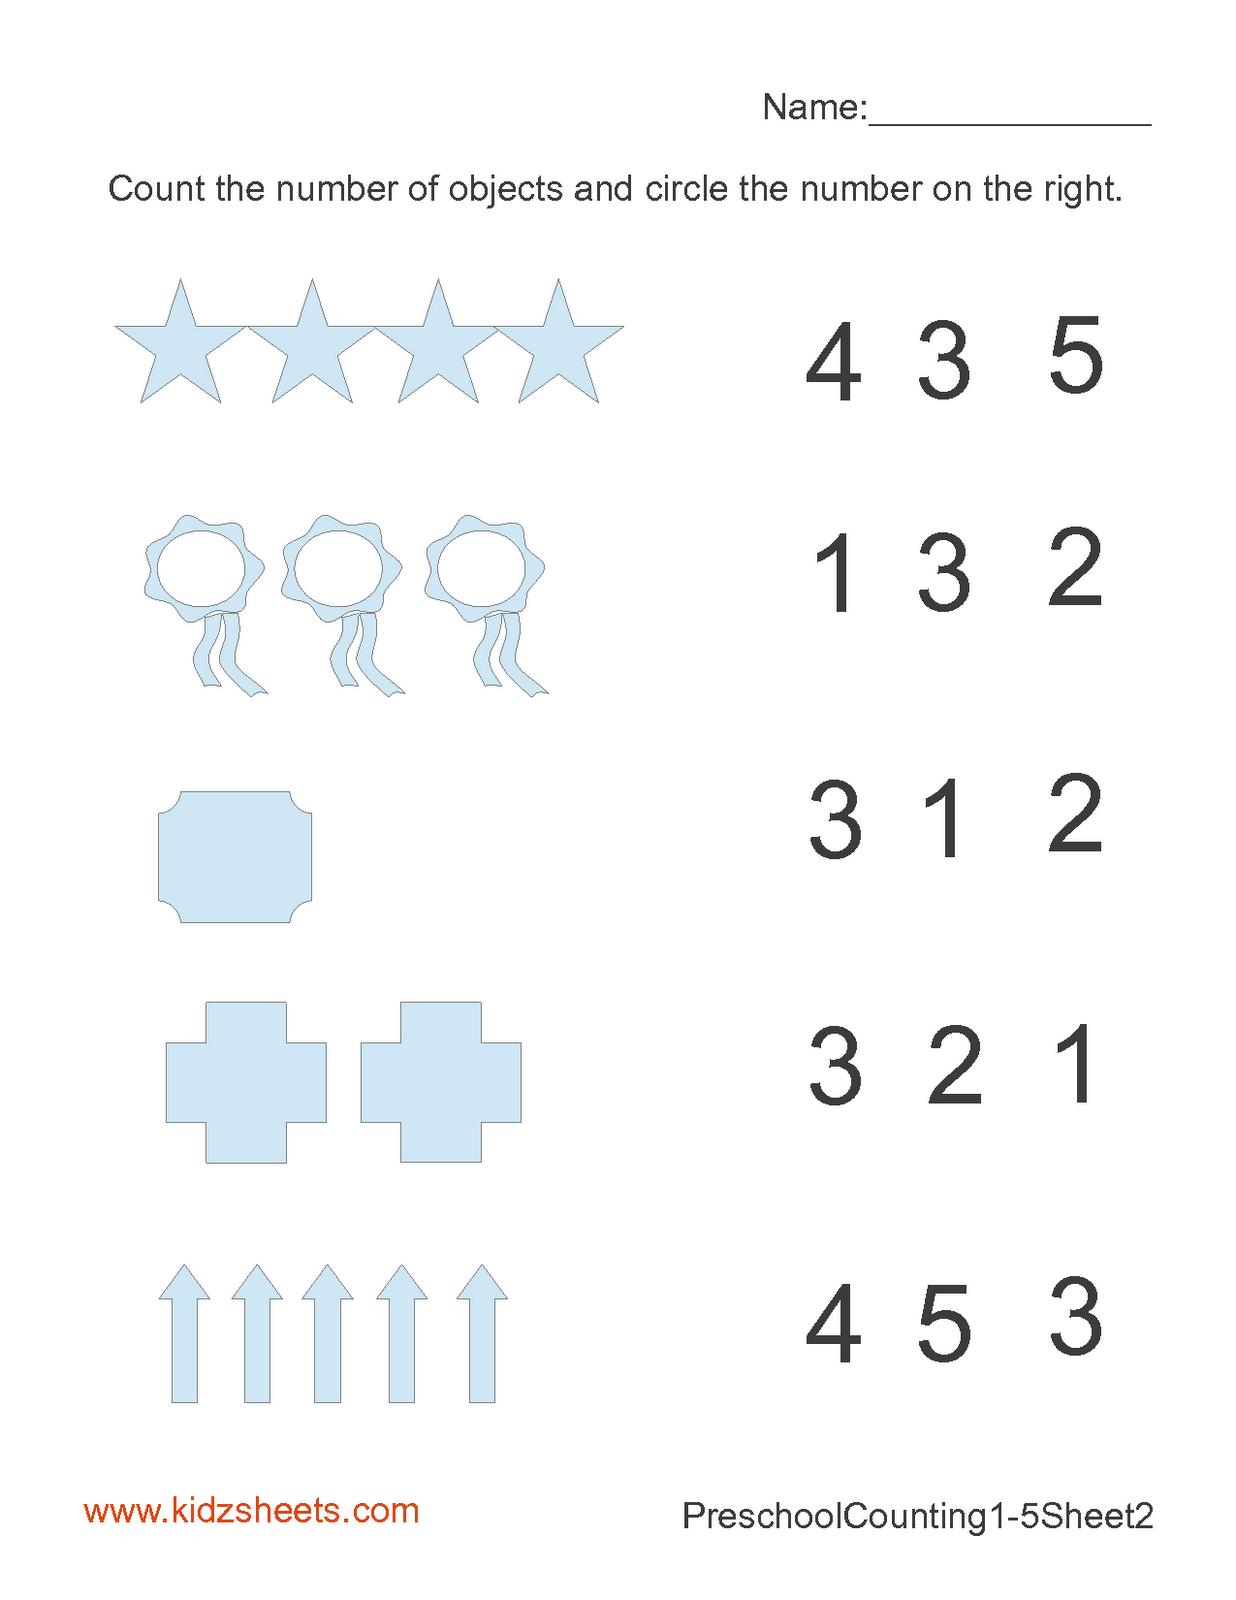 medium resolution of Kidz Worksheets: Preschool Counting Numbers Worksheet2